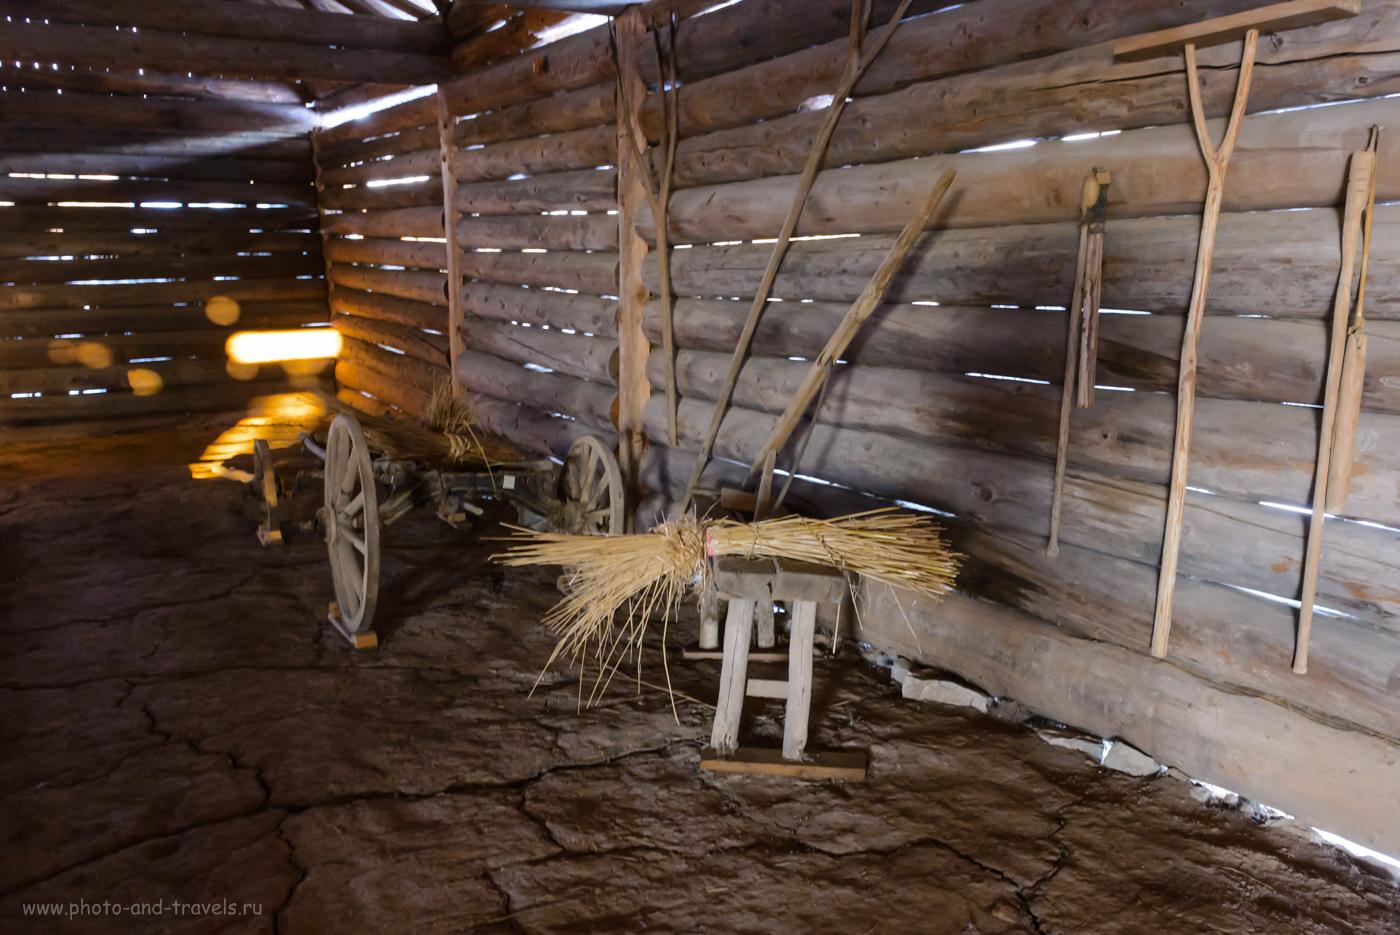 Фотография 3. Так выглядит гумно (помещения для молотьбы и для хранения сжатого хлеба) в музее Хохловка. 1/15, 9.0, 6400, 24.